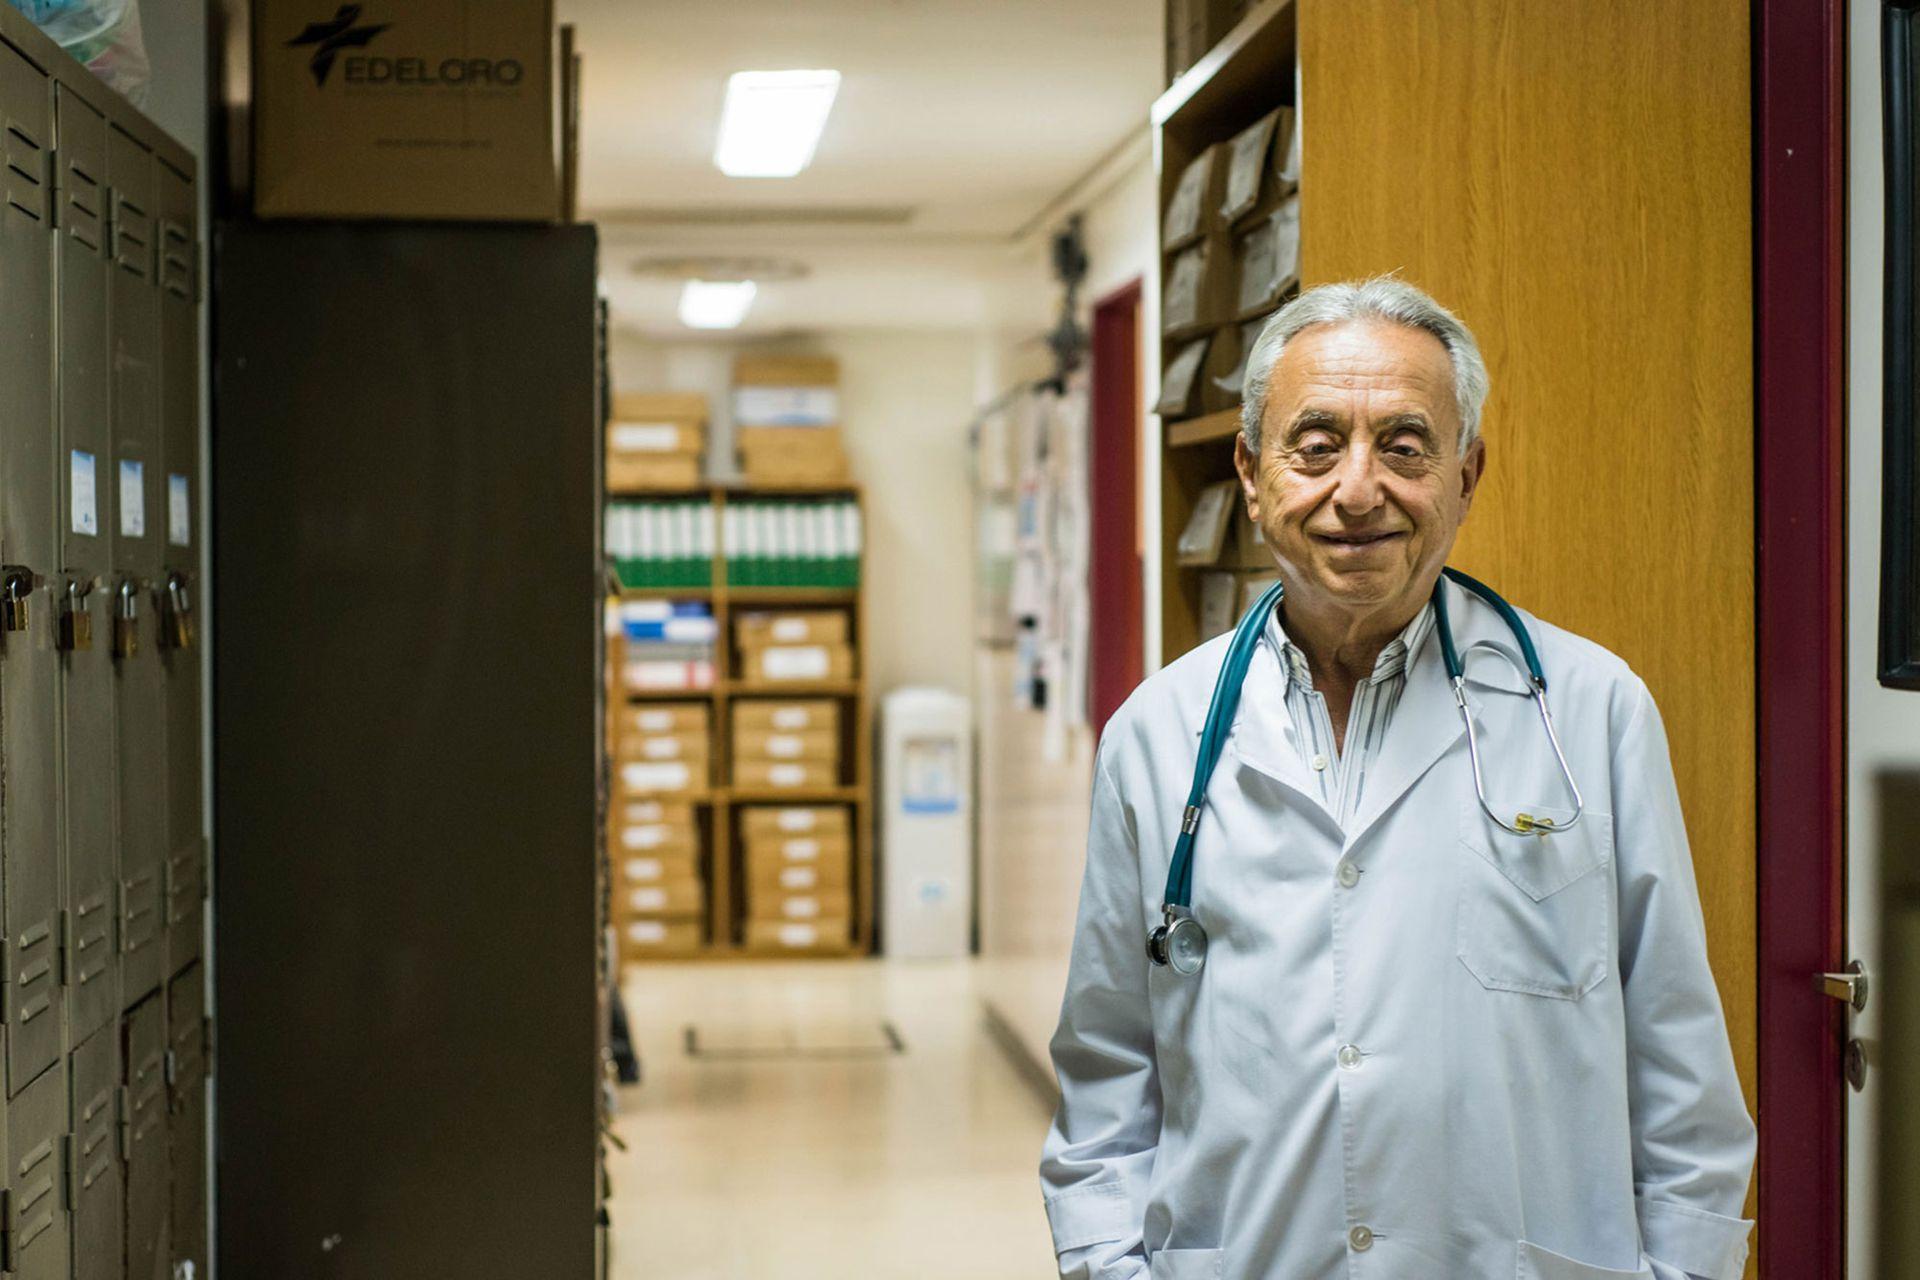 """""""El coronavirus va a cambiar muchas cosas, aunque no soy tan optimista"""", dice."""